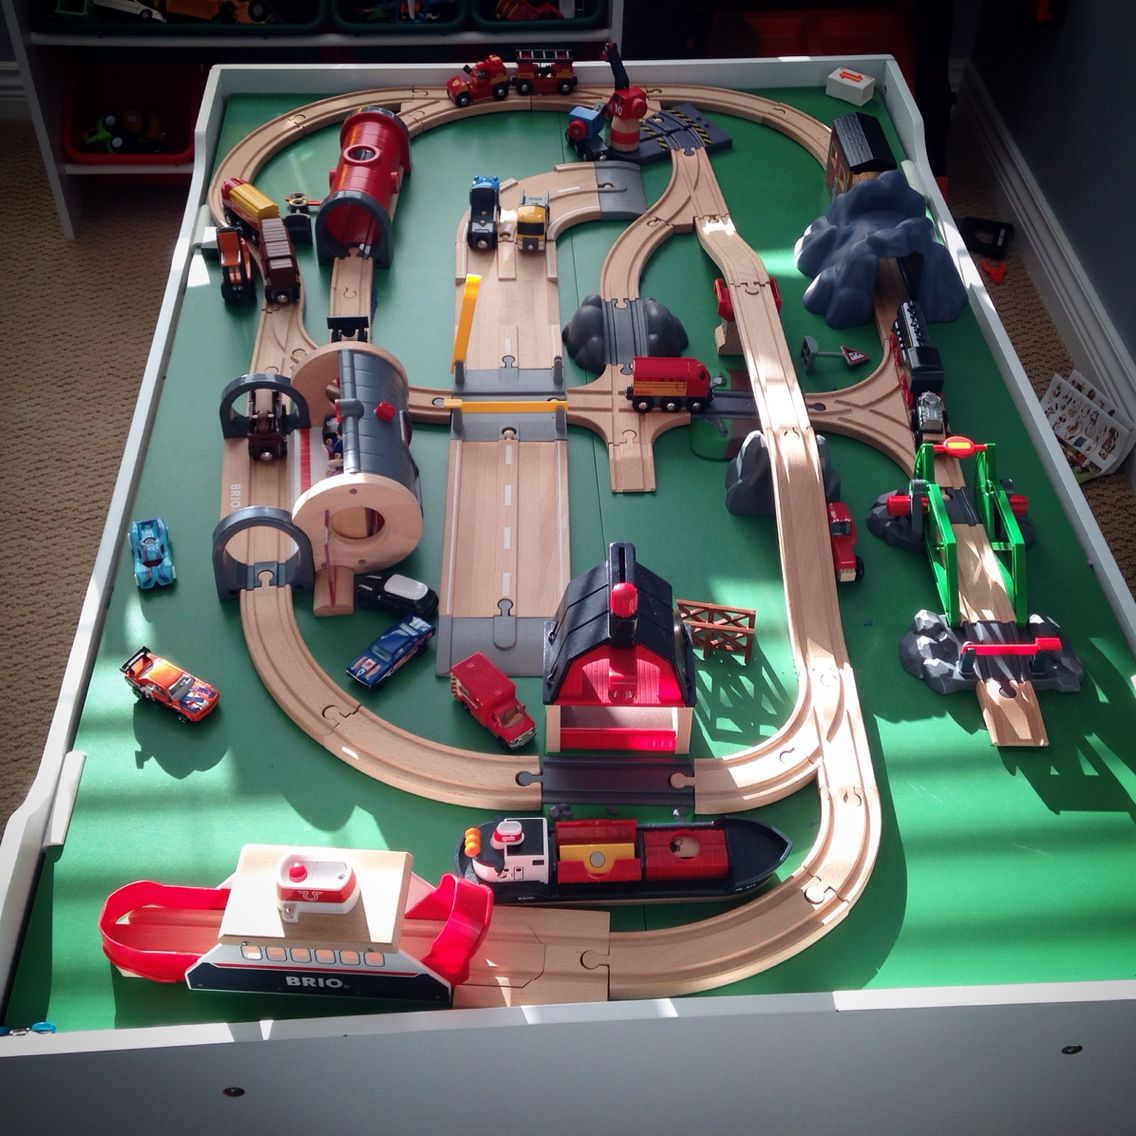 brio train track layout ideas | thomas the train | brio